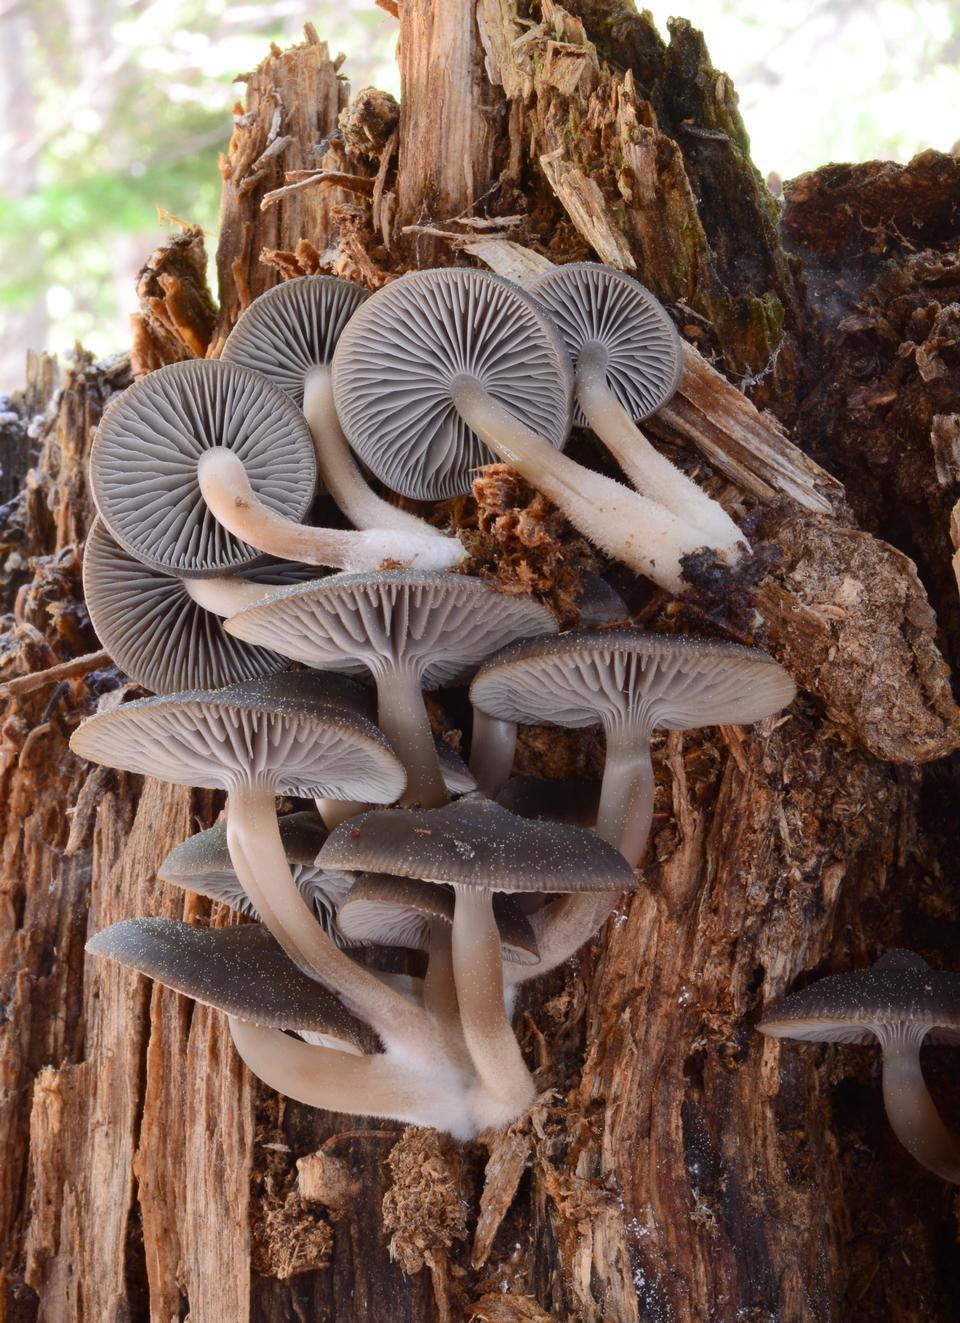 Free mushrooms on a tree